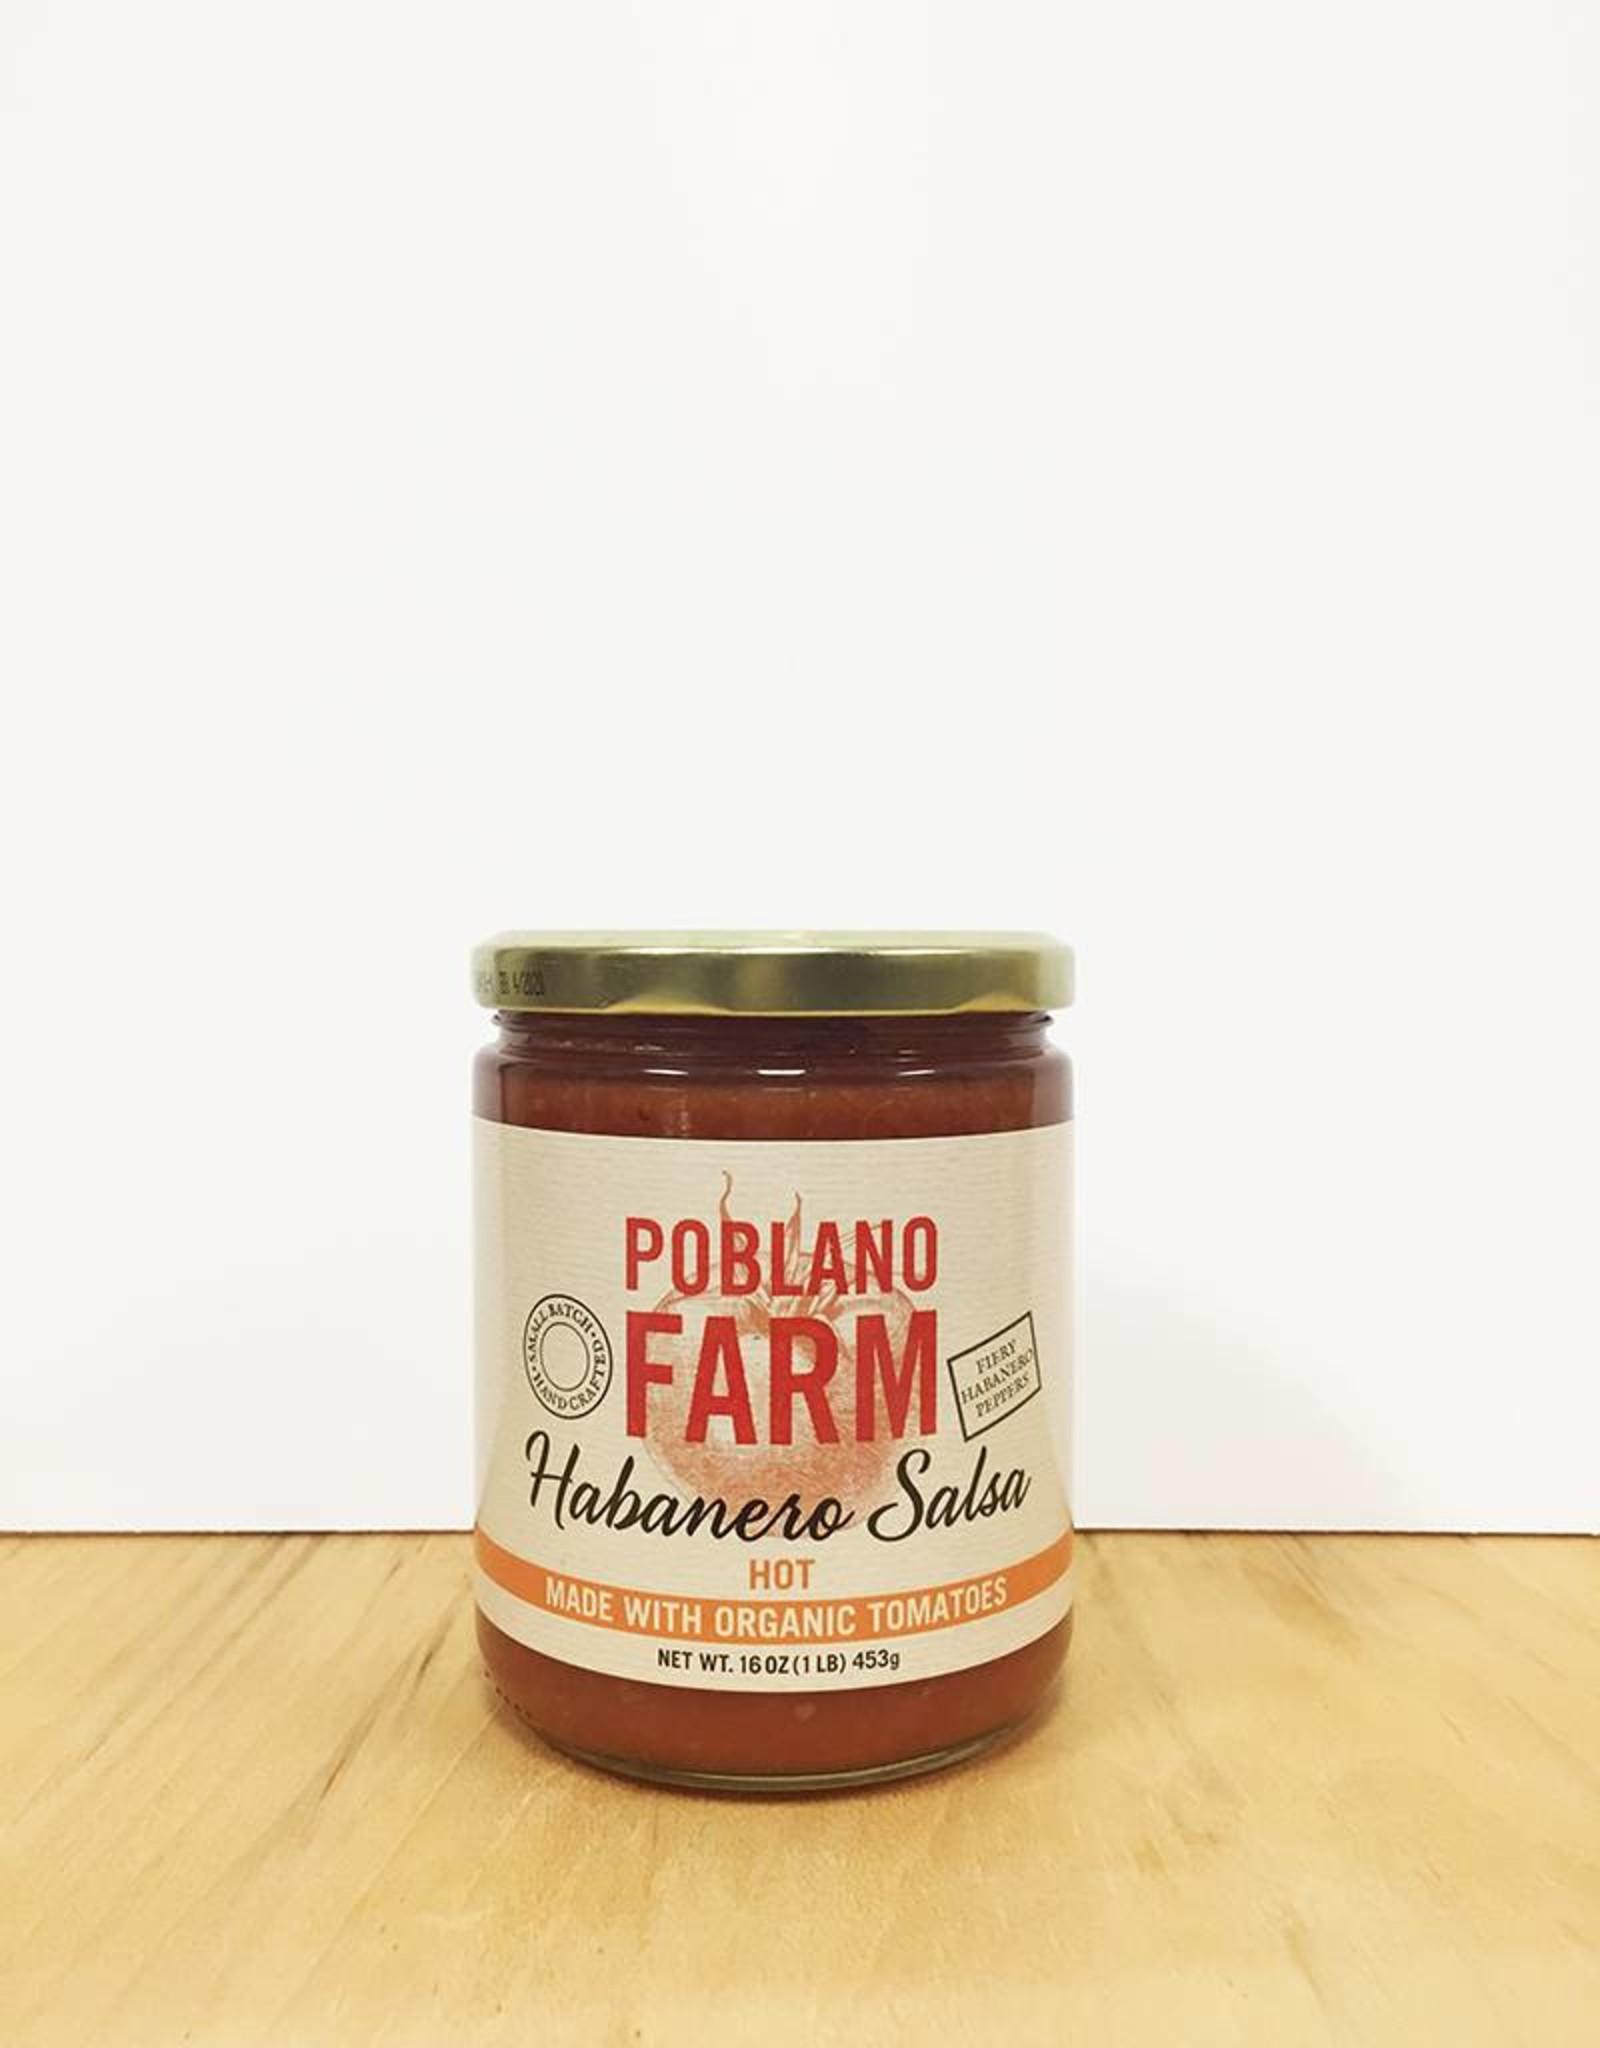 Poblano Farm Poblano Farm Habanero Salsa (Hot)